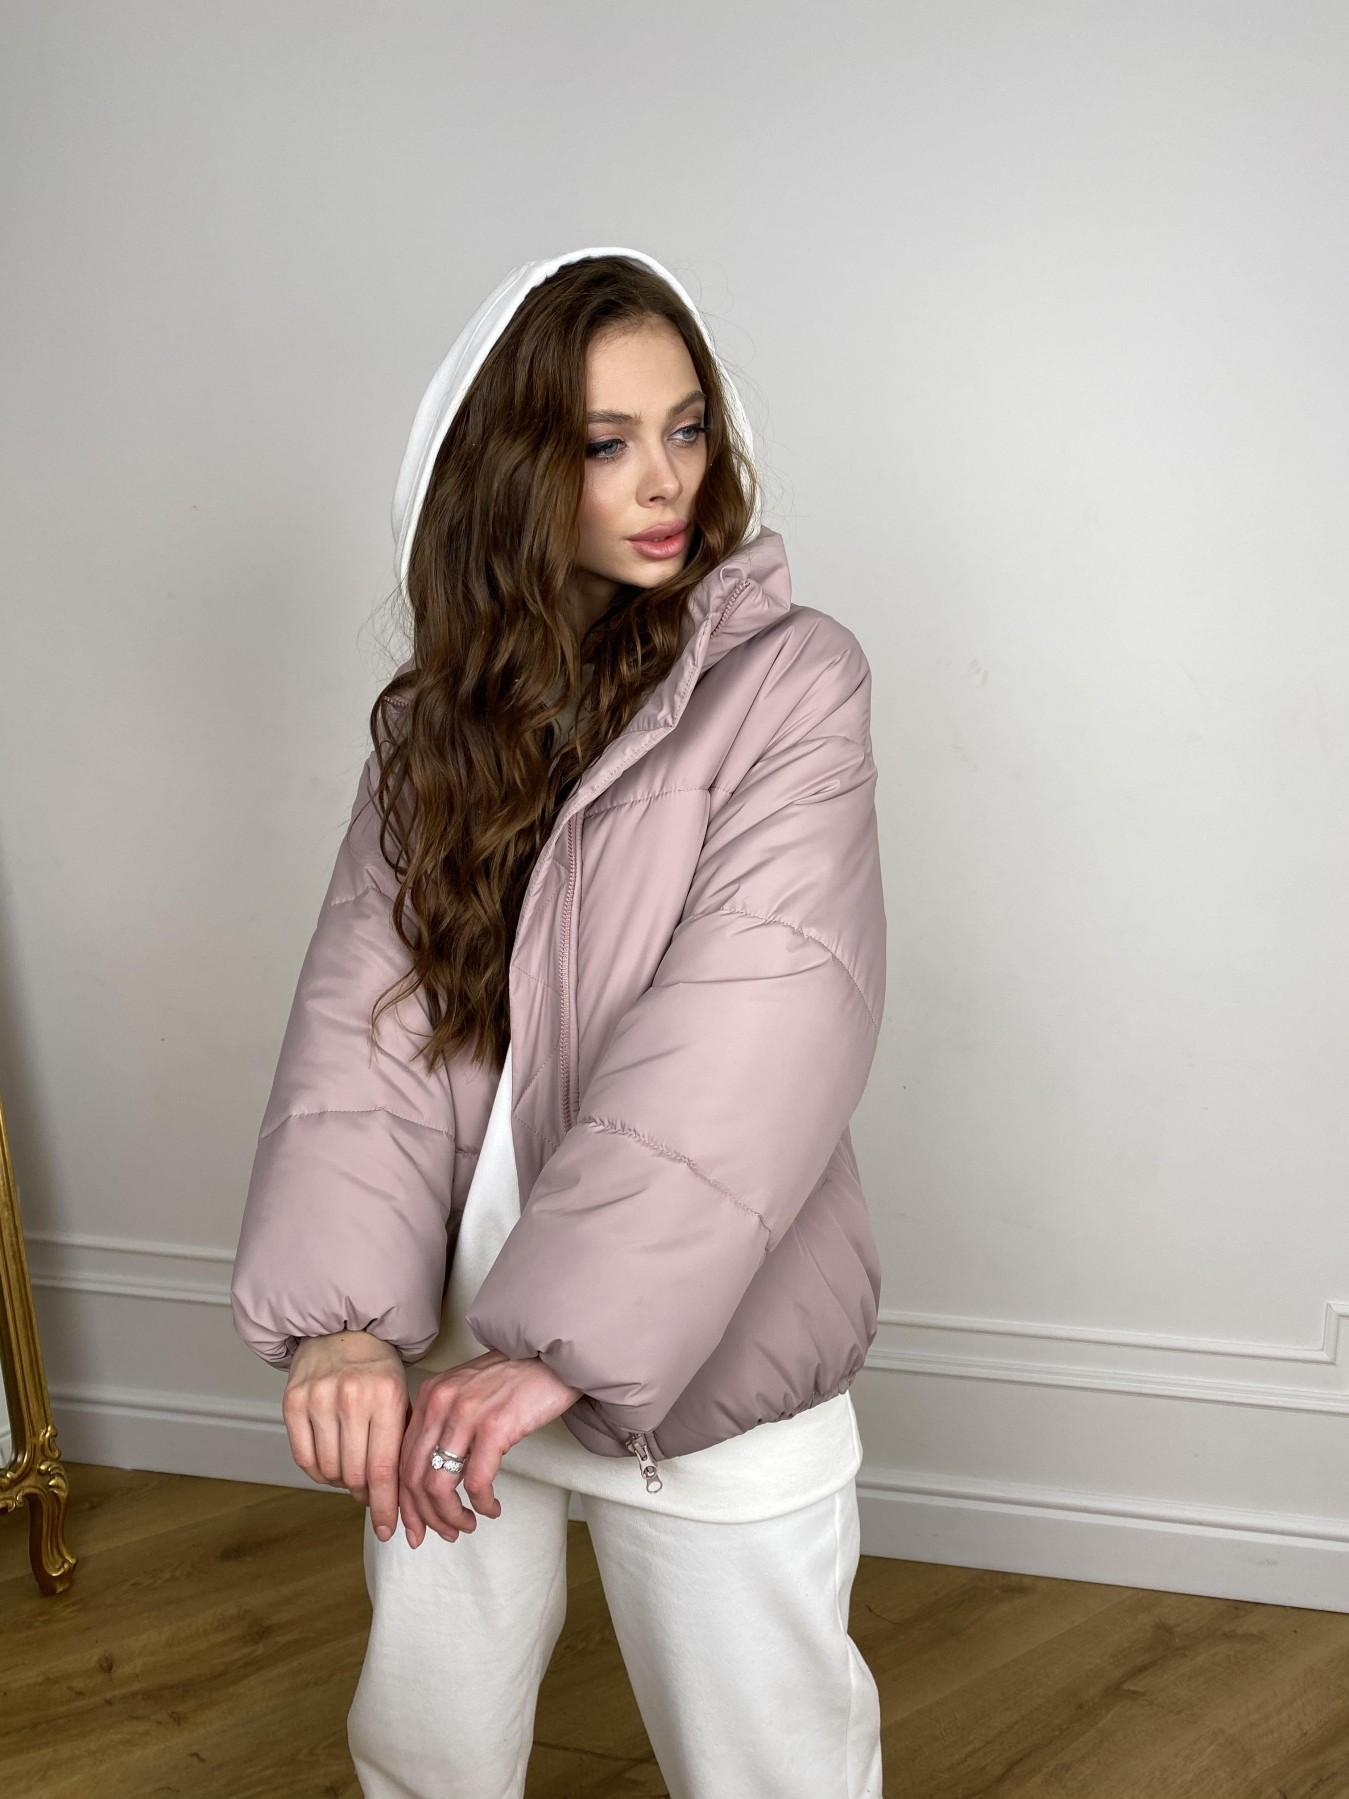 Муд куртка из плащевой ткани 10509 АРТ. 46917 Цвет: Пудра - фото 4, интернет магазин tm-modus.ru